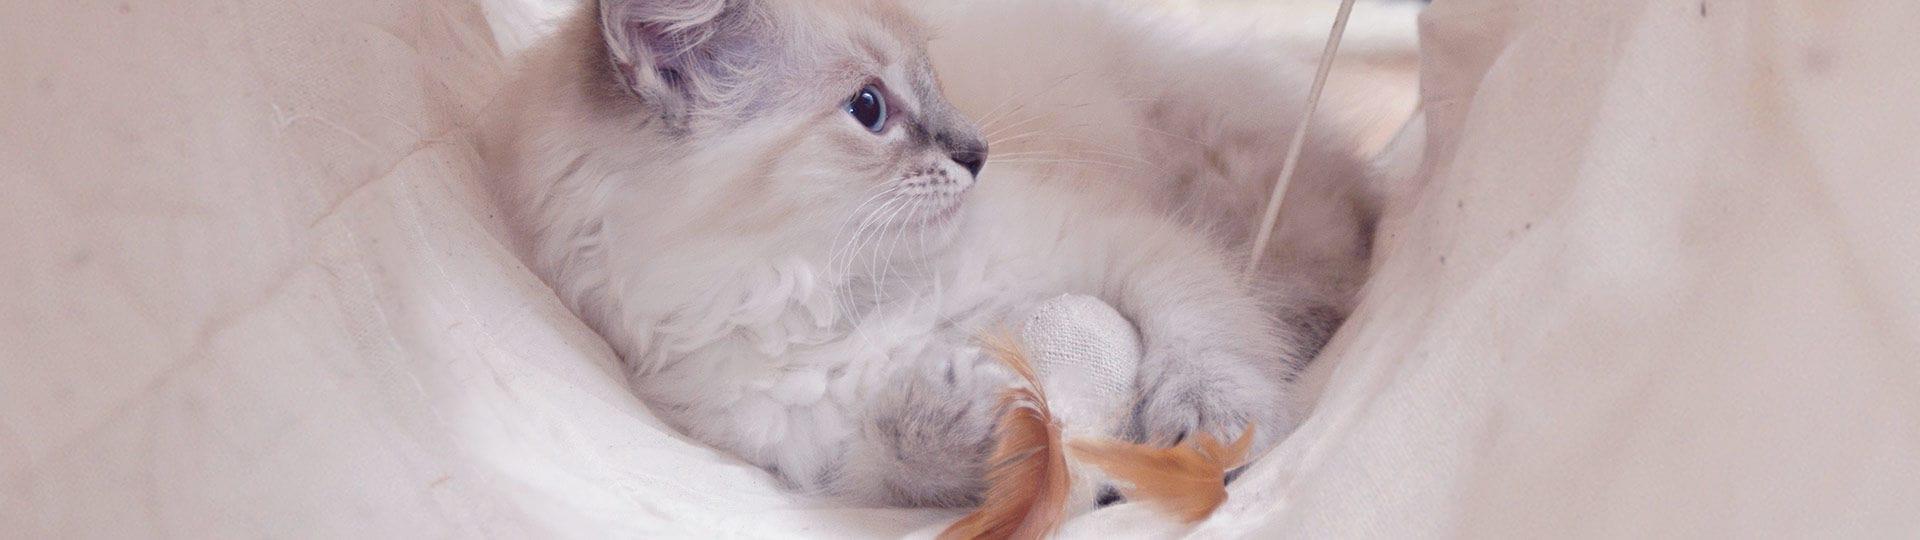 Katzen Urlaub Katzenpension